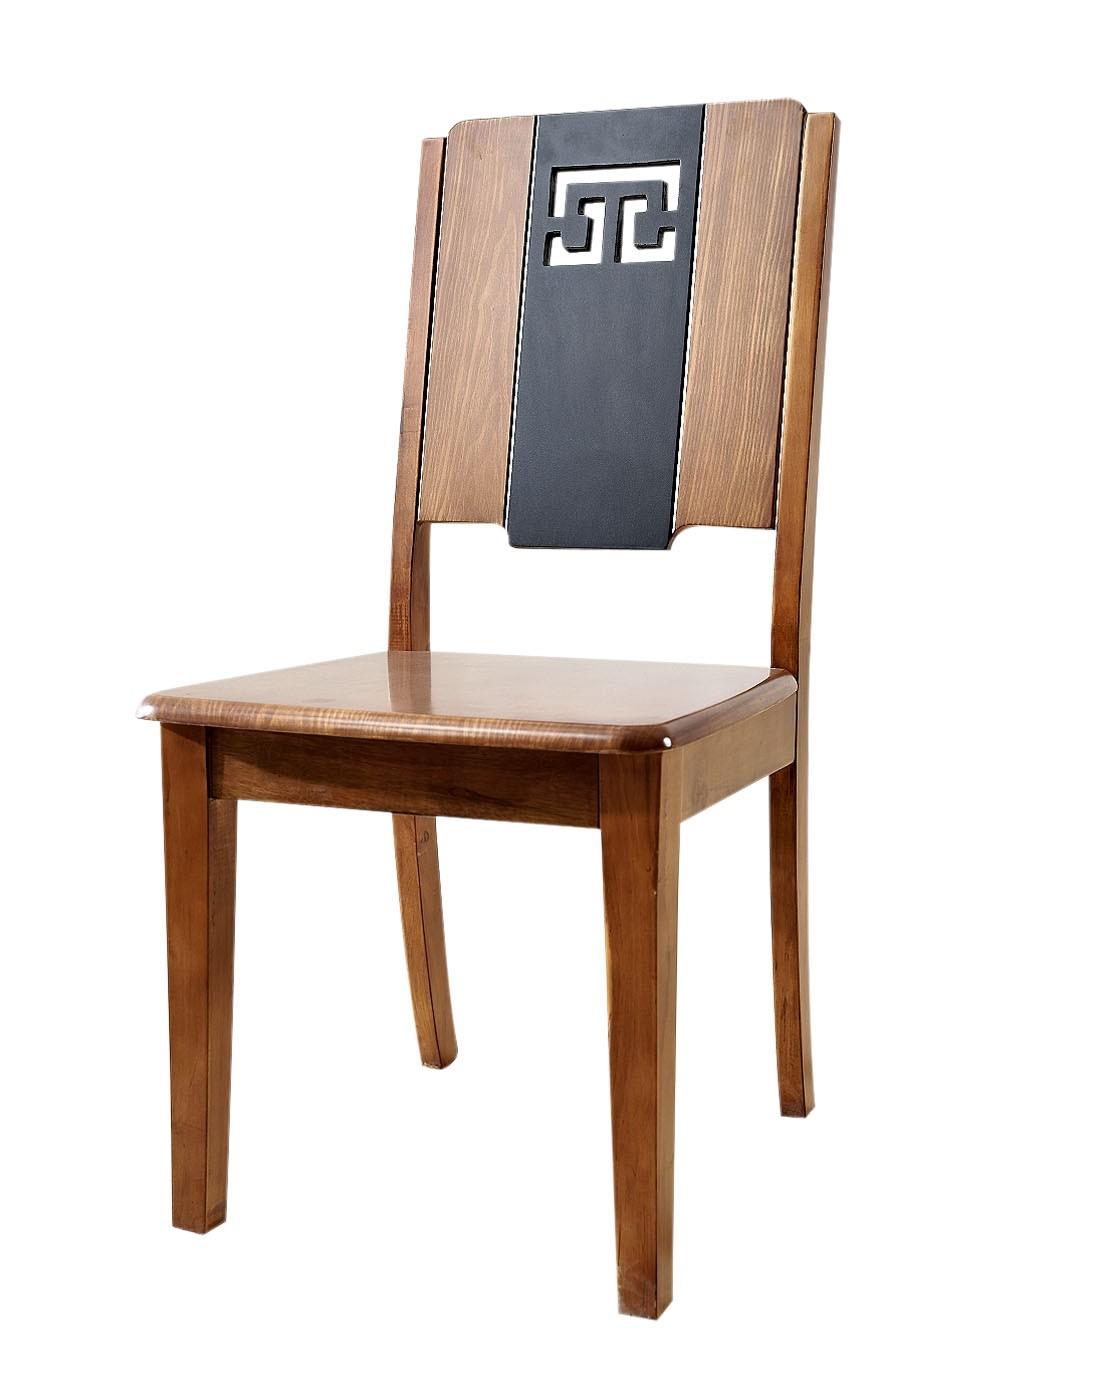 homes家具专场实木中式餐桌椅(一桌四椅)